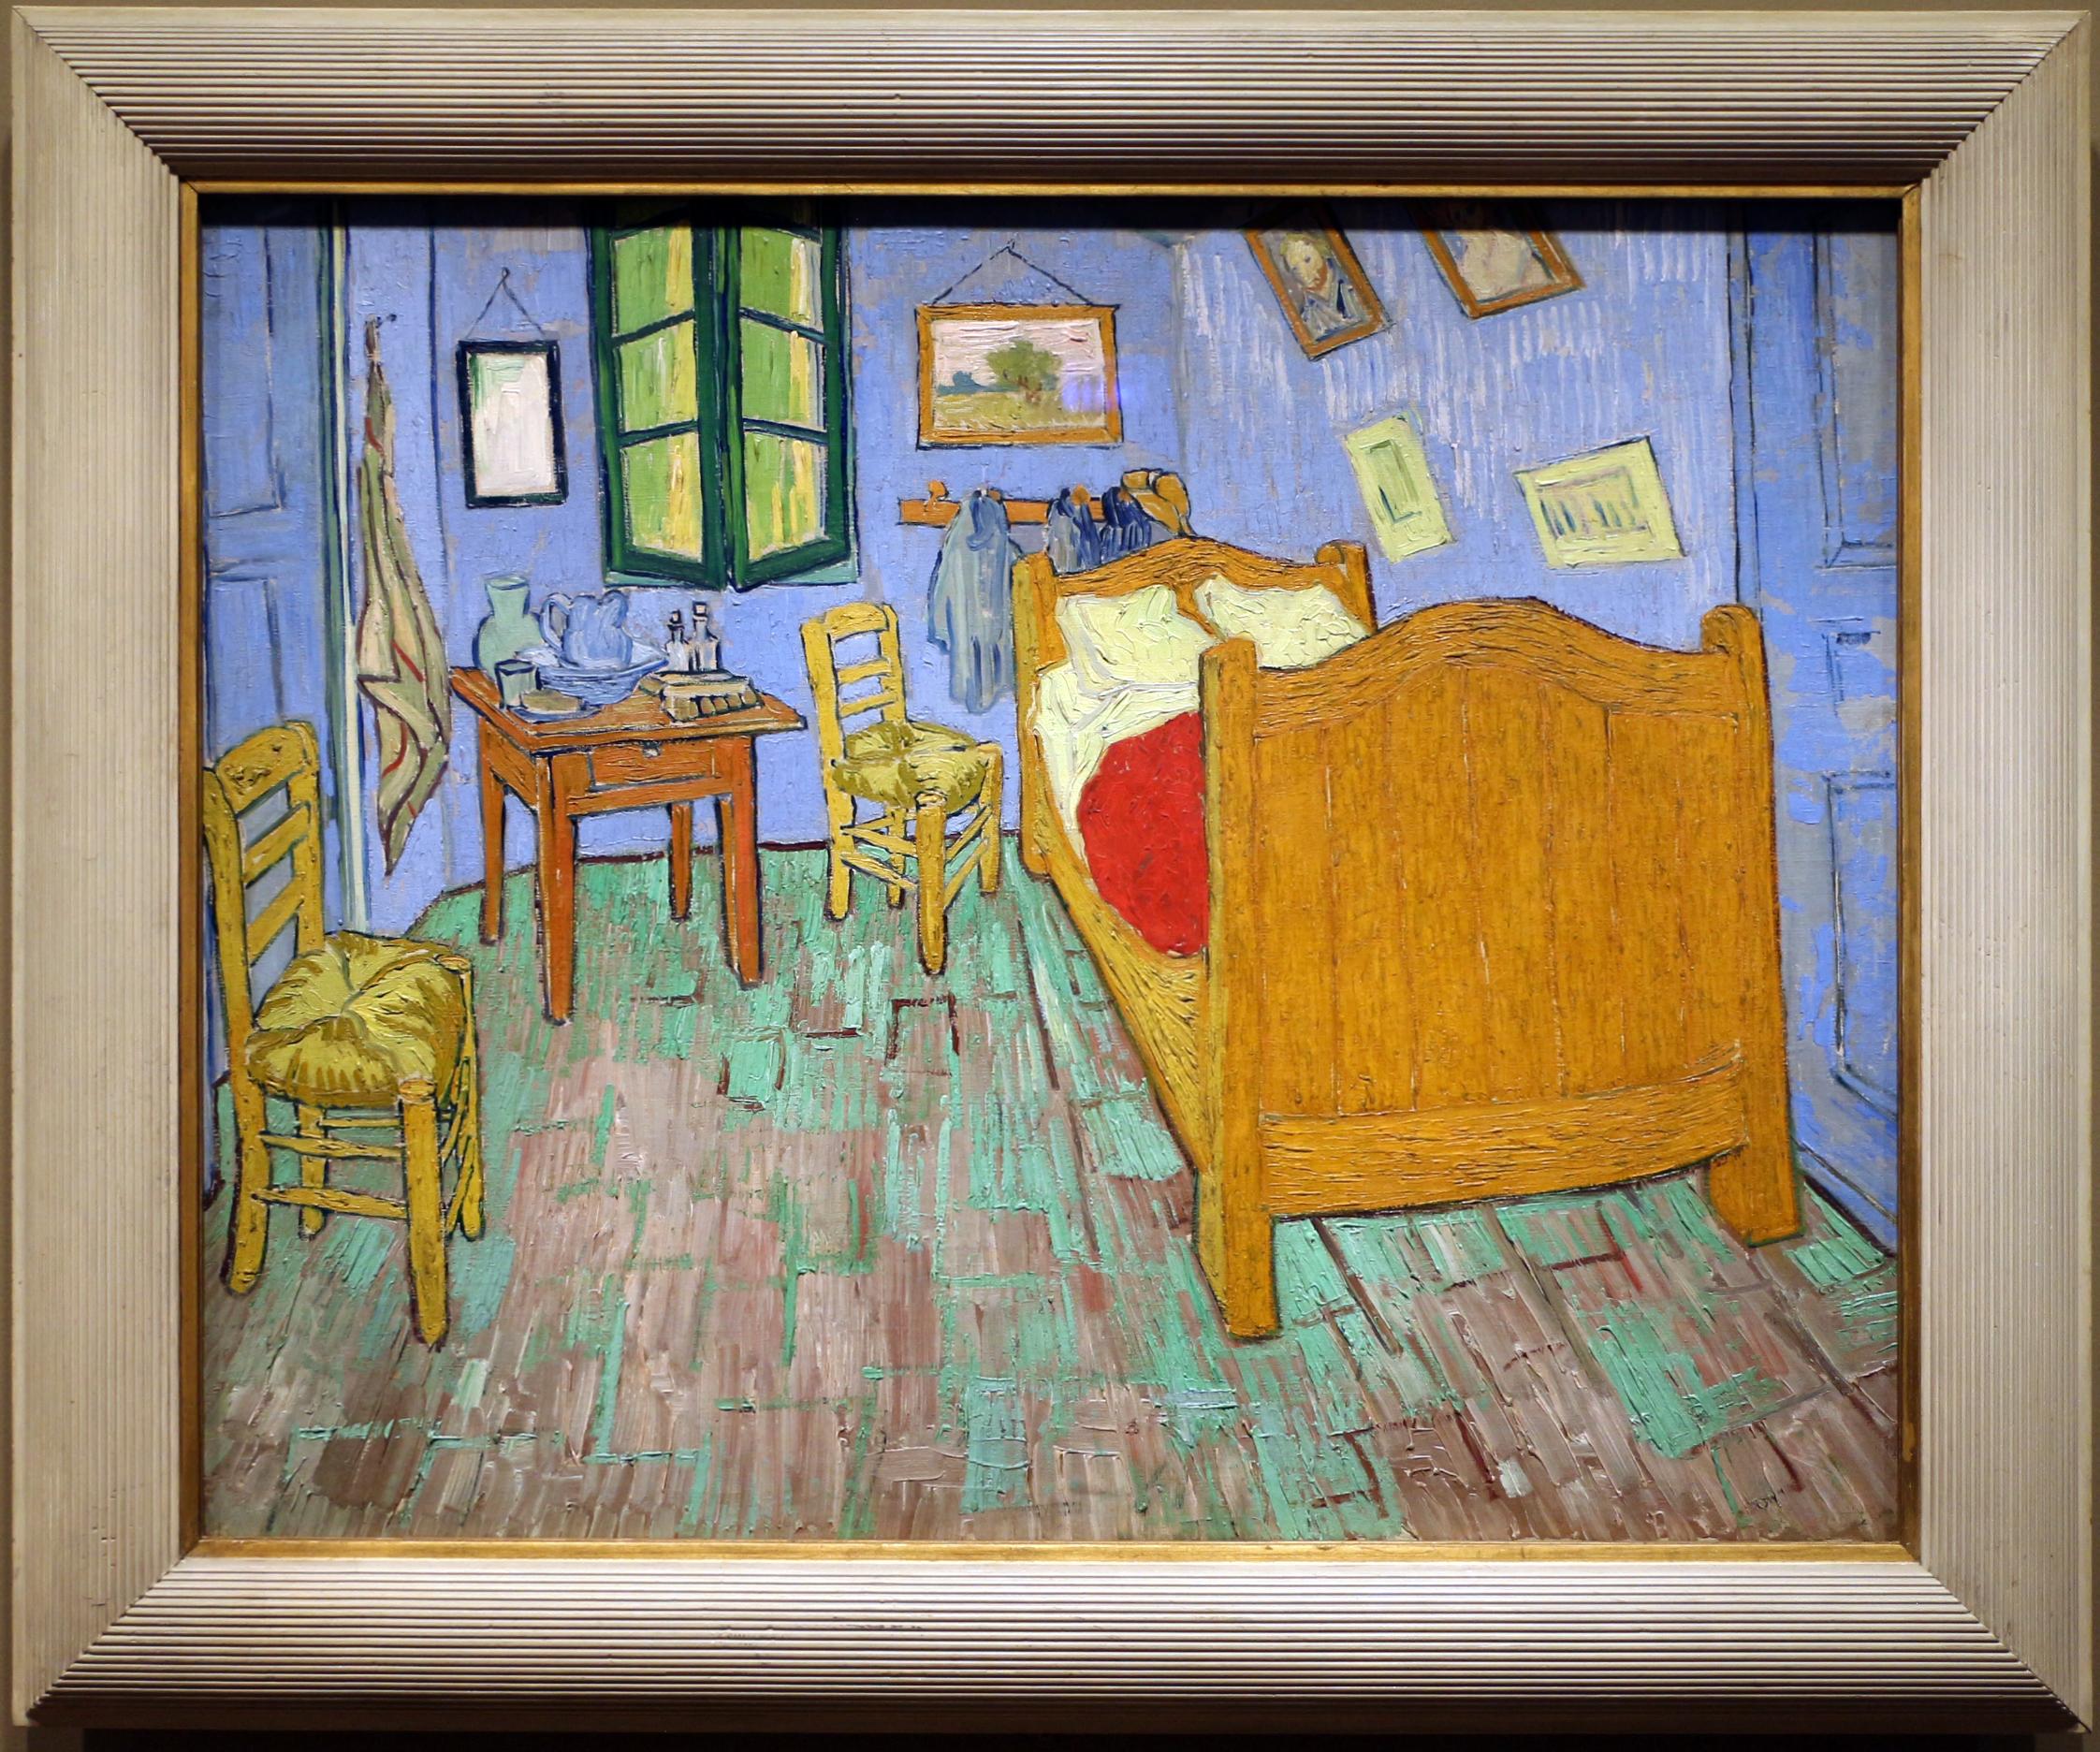 File:Vincent van gogh, la camera da letto, 1889, 01.jpg - Wikimedia ...